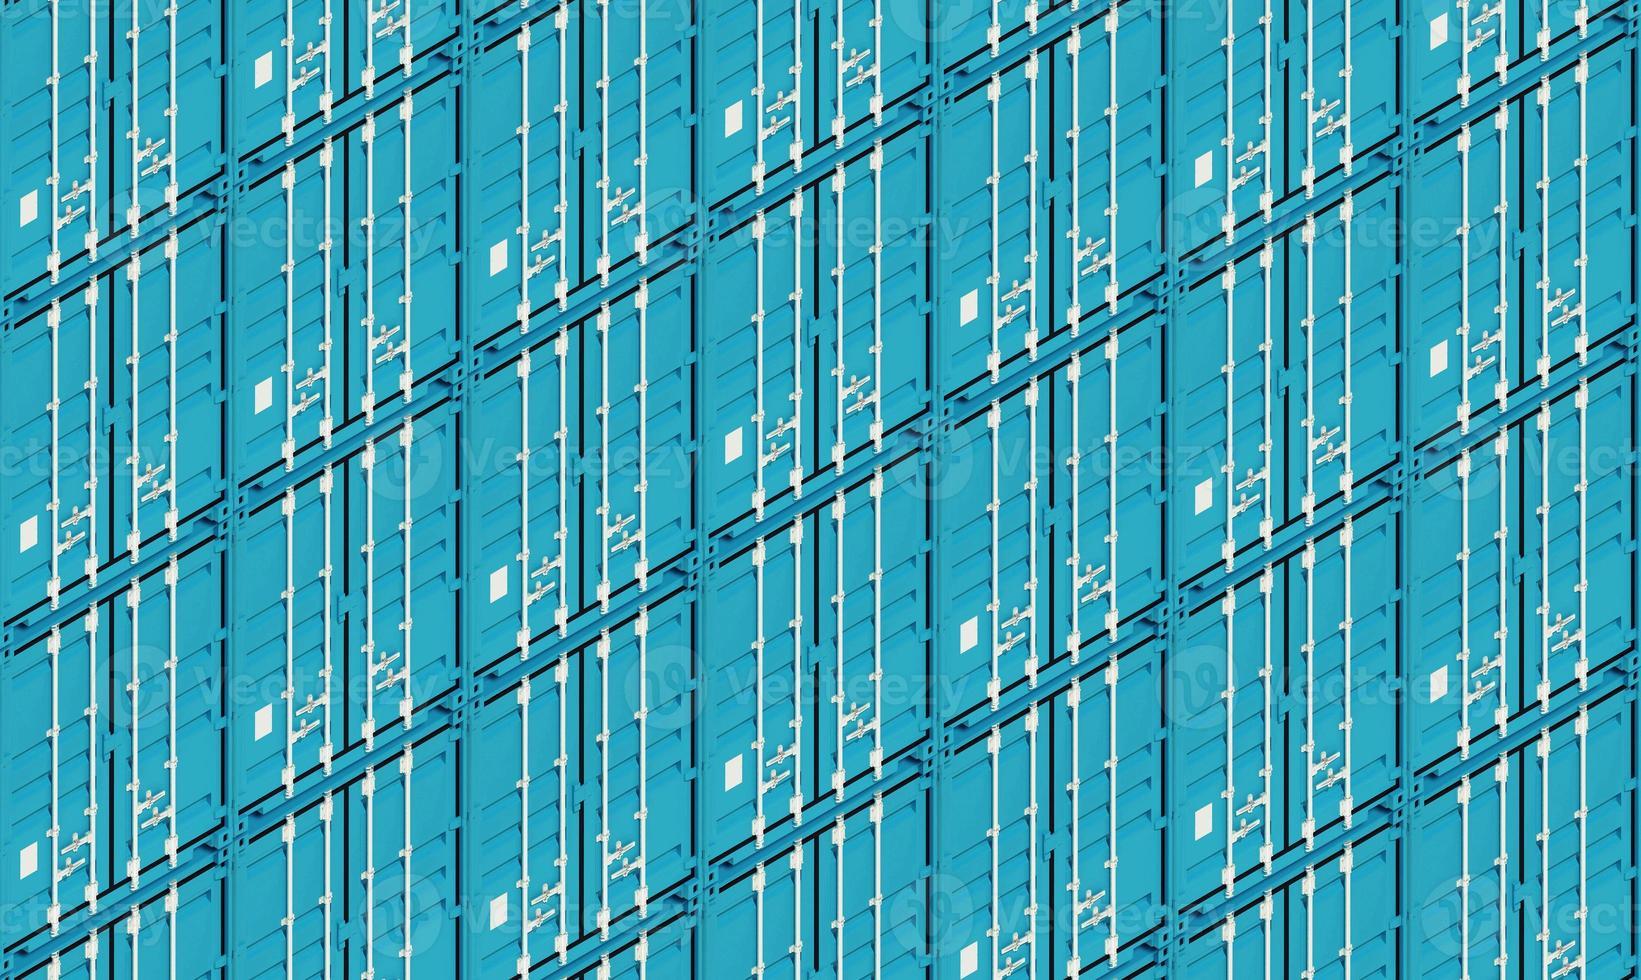 blauwe metalen vrachtcontainers, 3d illustratie foto